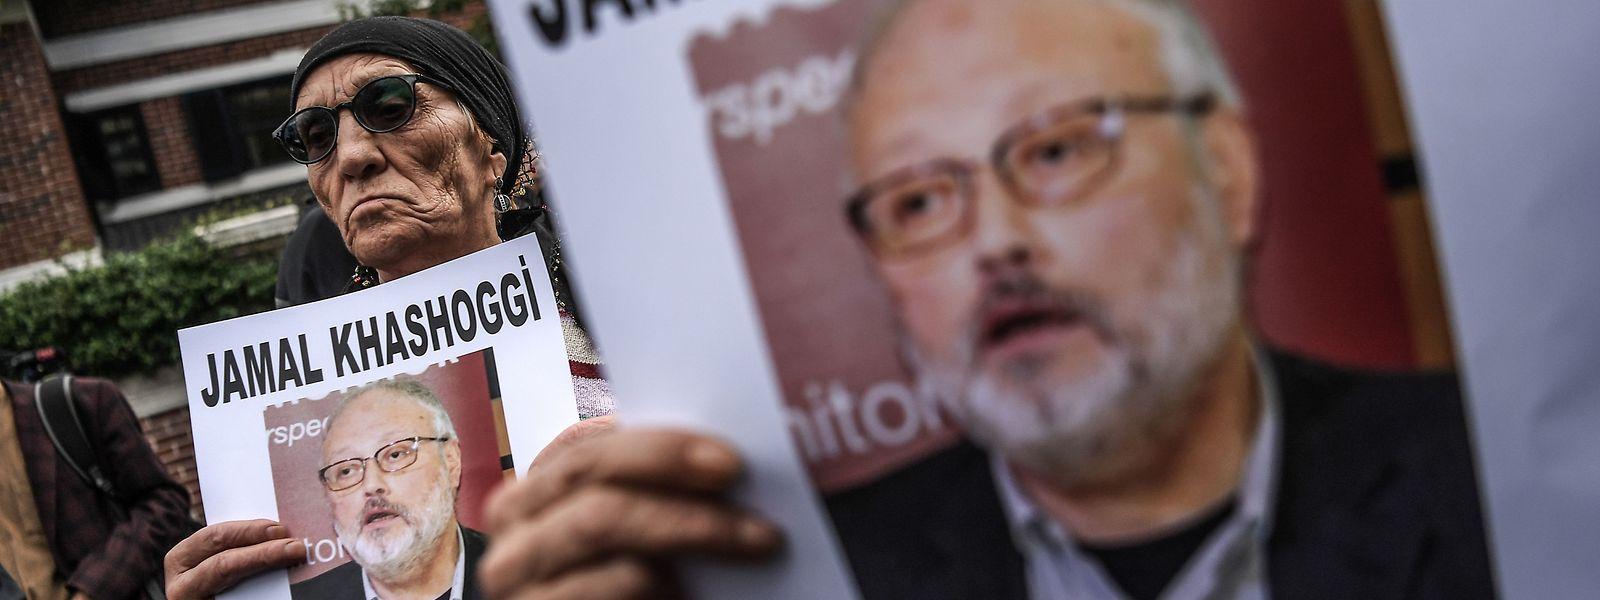 Demonstranten erinnern vor dem saudischen Konsulat in Istanbul an Jamal Kashoggi.